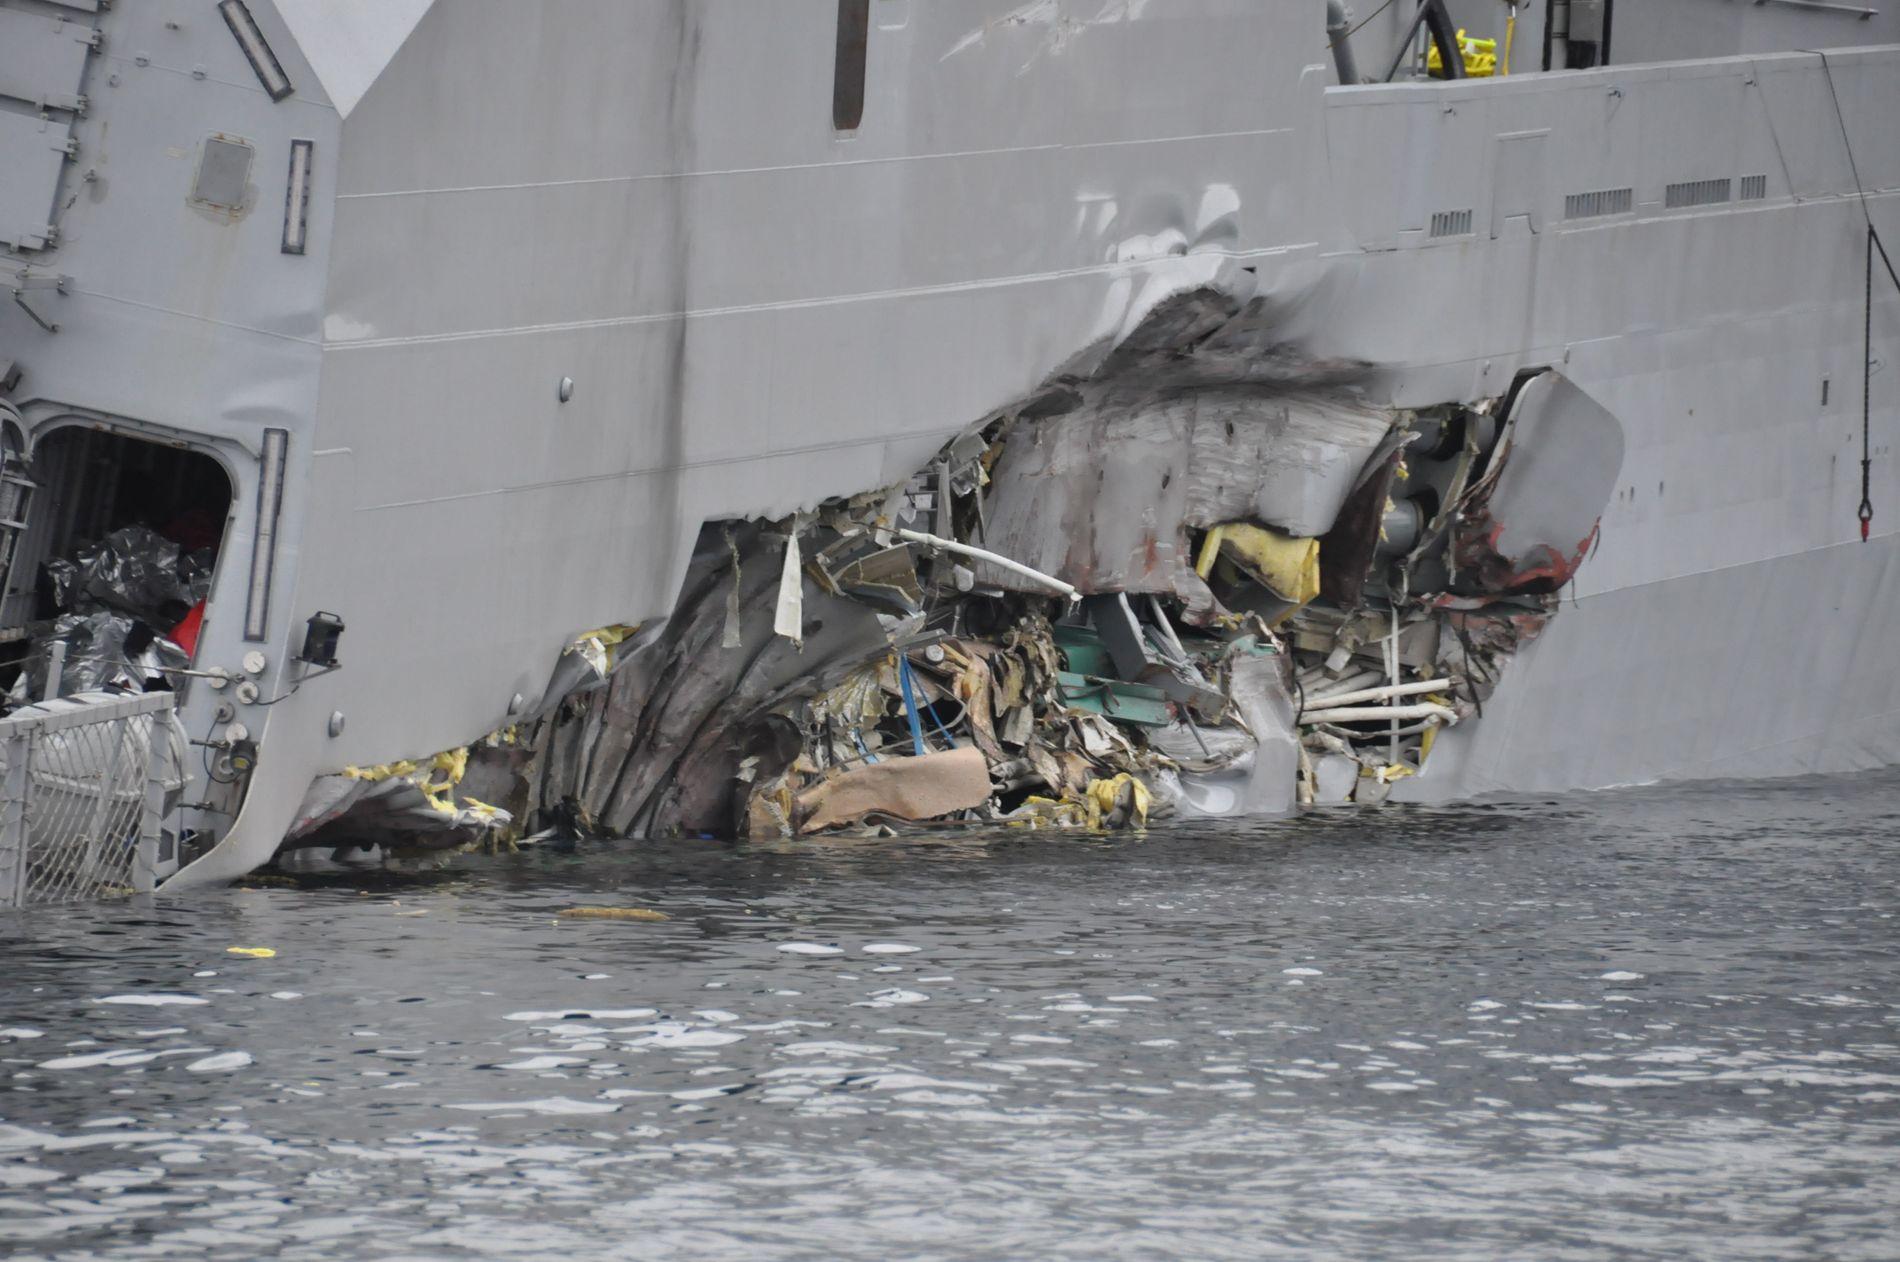 FLENGE: KNM «Helge Ingstad» fikk en stor flenge på siden etter kollisjonen med «Sola TS». Professor i marin teknikk ved NTNU, Jørgen Amdahl, tviler på at flengen har skyld i at skipet tok inn mye vann og la seg på siden.